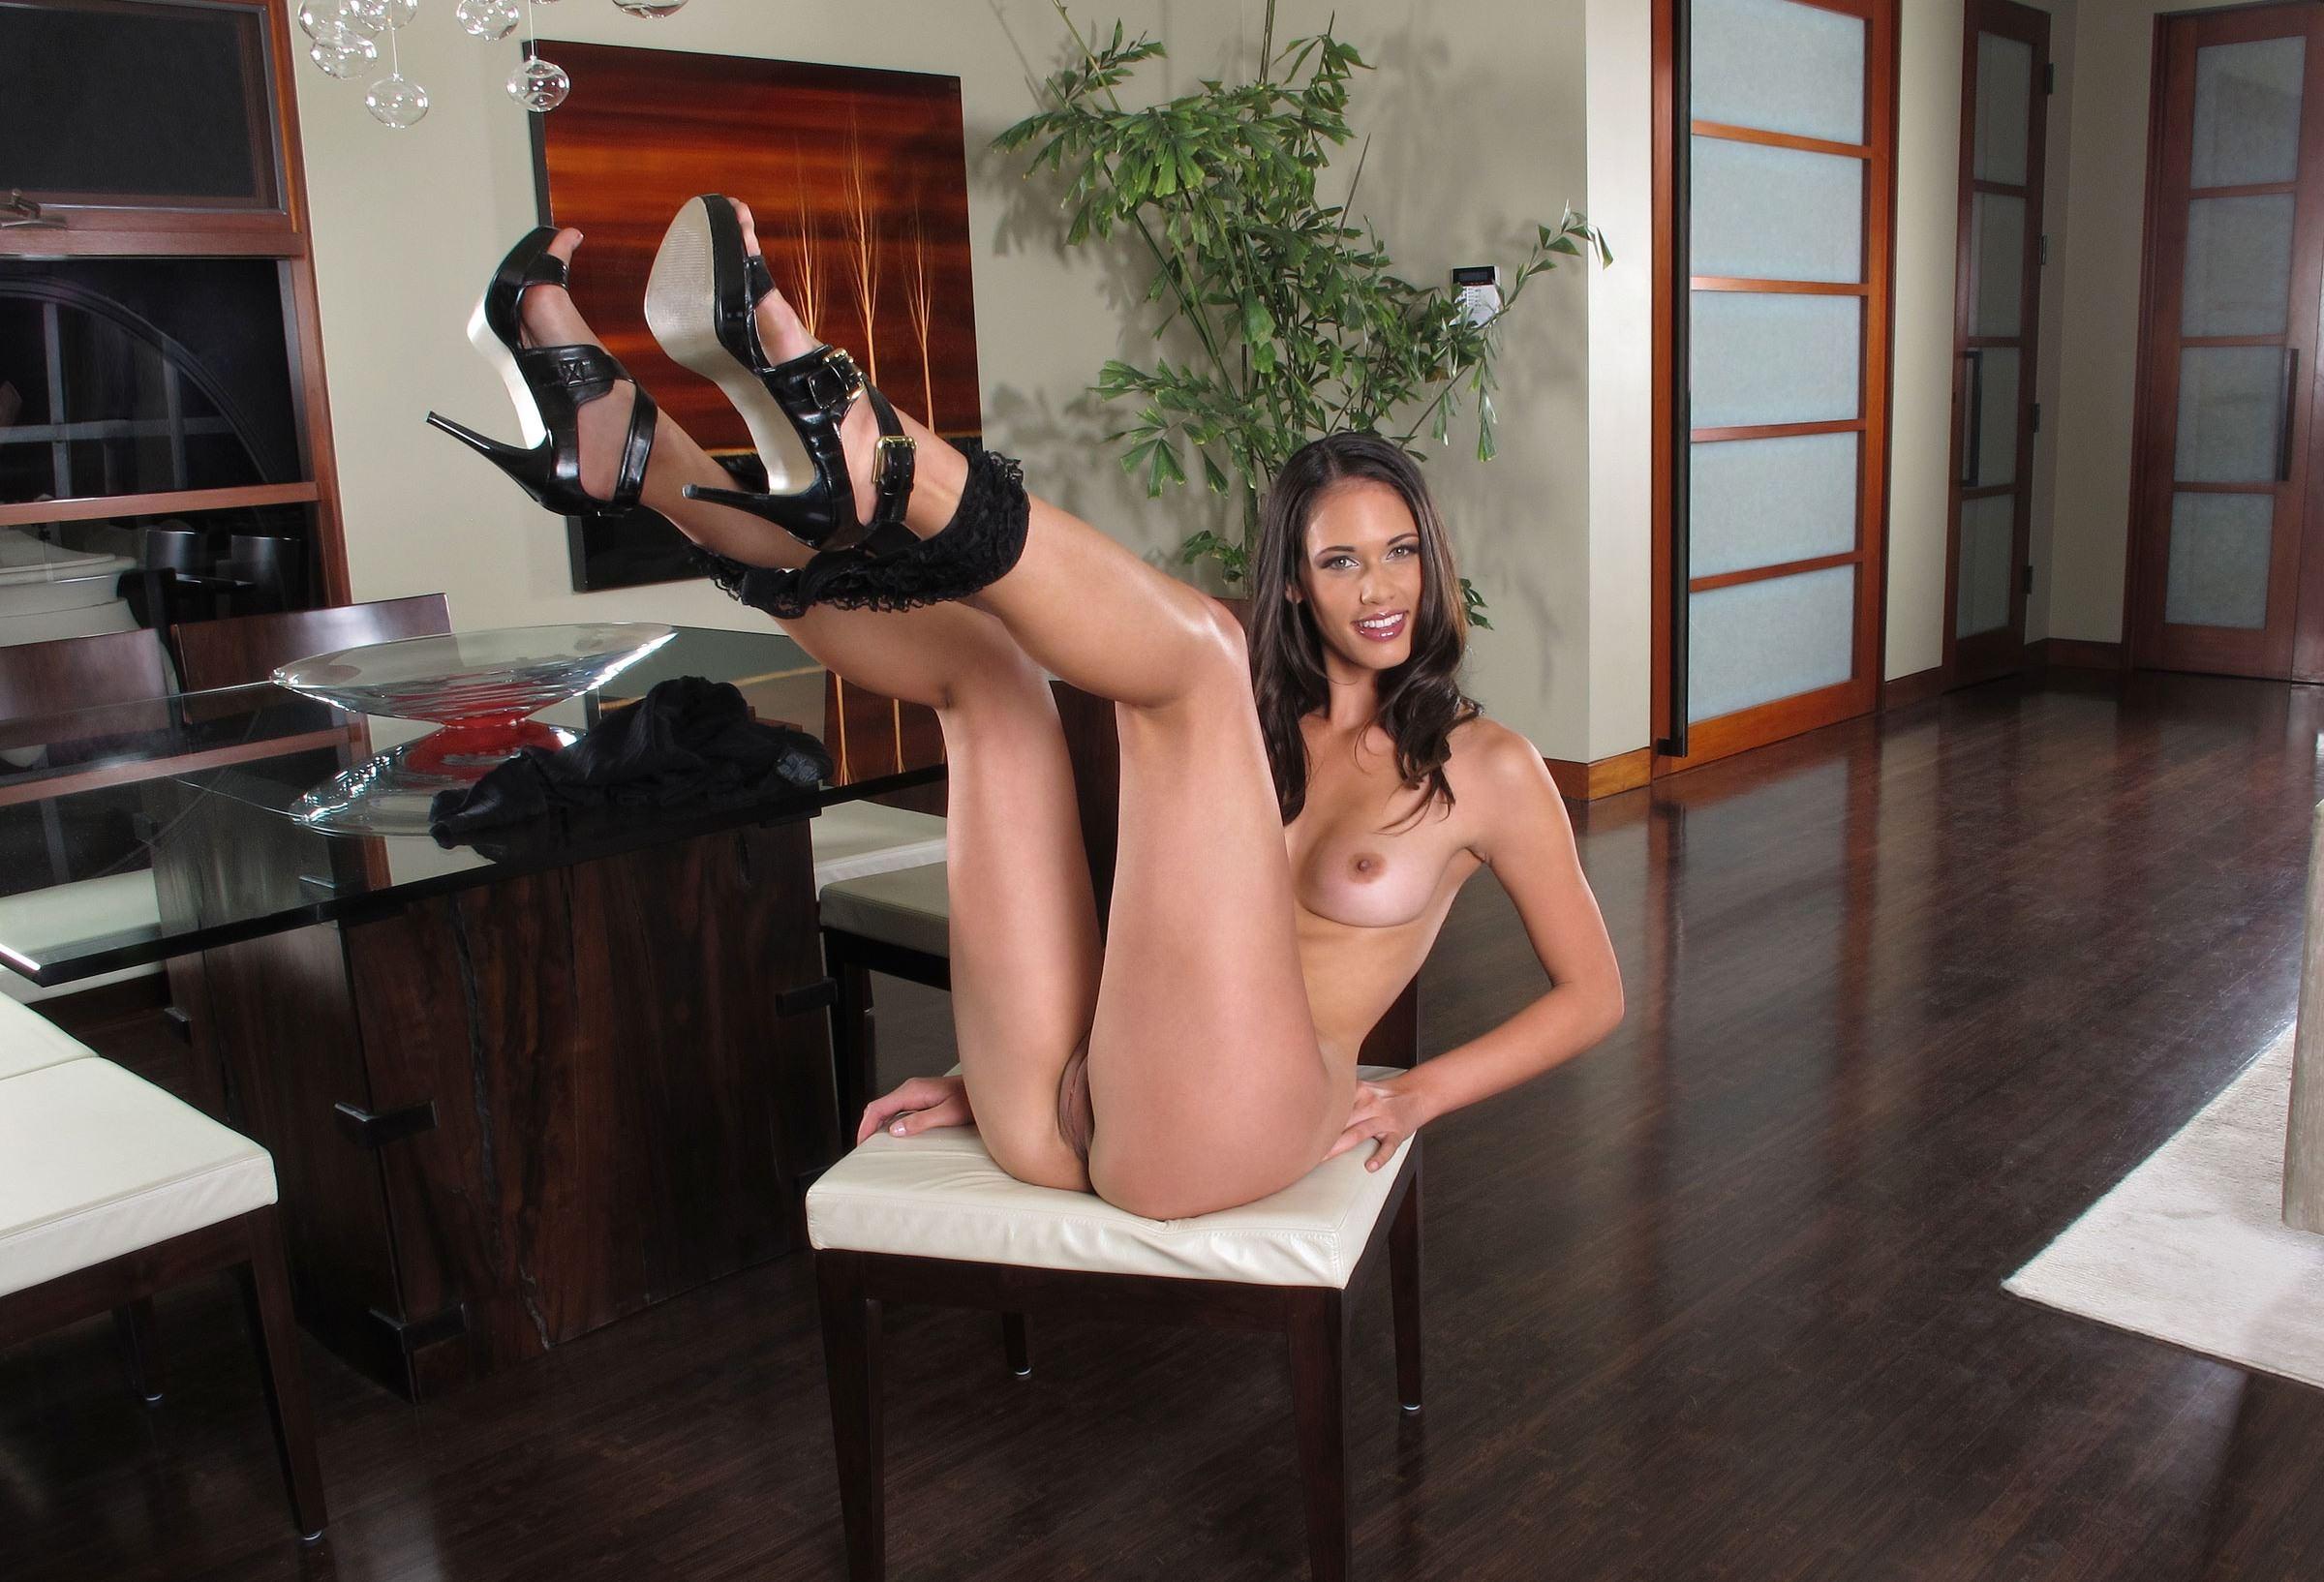 Фото Голая девушка легла на стул и подняла ноги, трусы висят на ногах, похотливая сучка, скачать картинку бесплатно